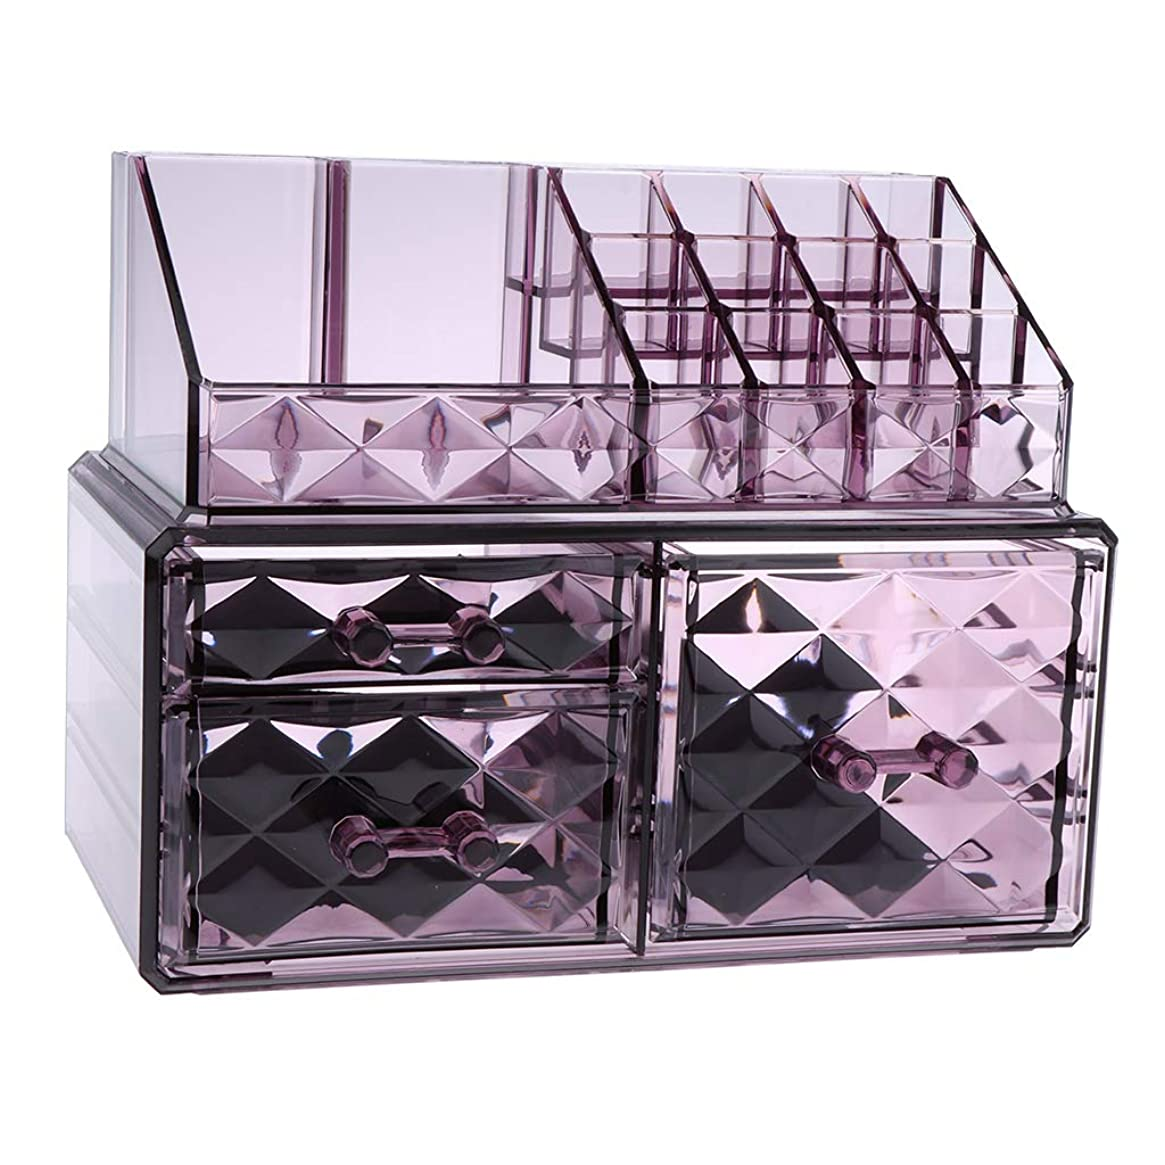 無限避けられないラッカスPerfeclan 化粧オーガナイザー アクリル メイクオーガナイザー 収納キューブ 3仕様選べ - 紫2